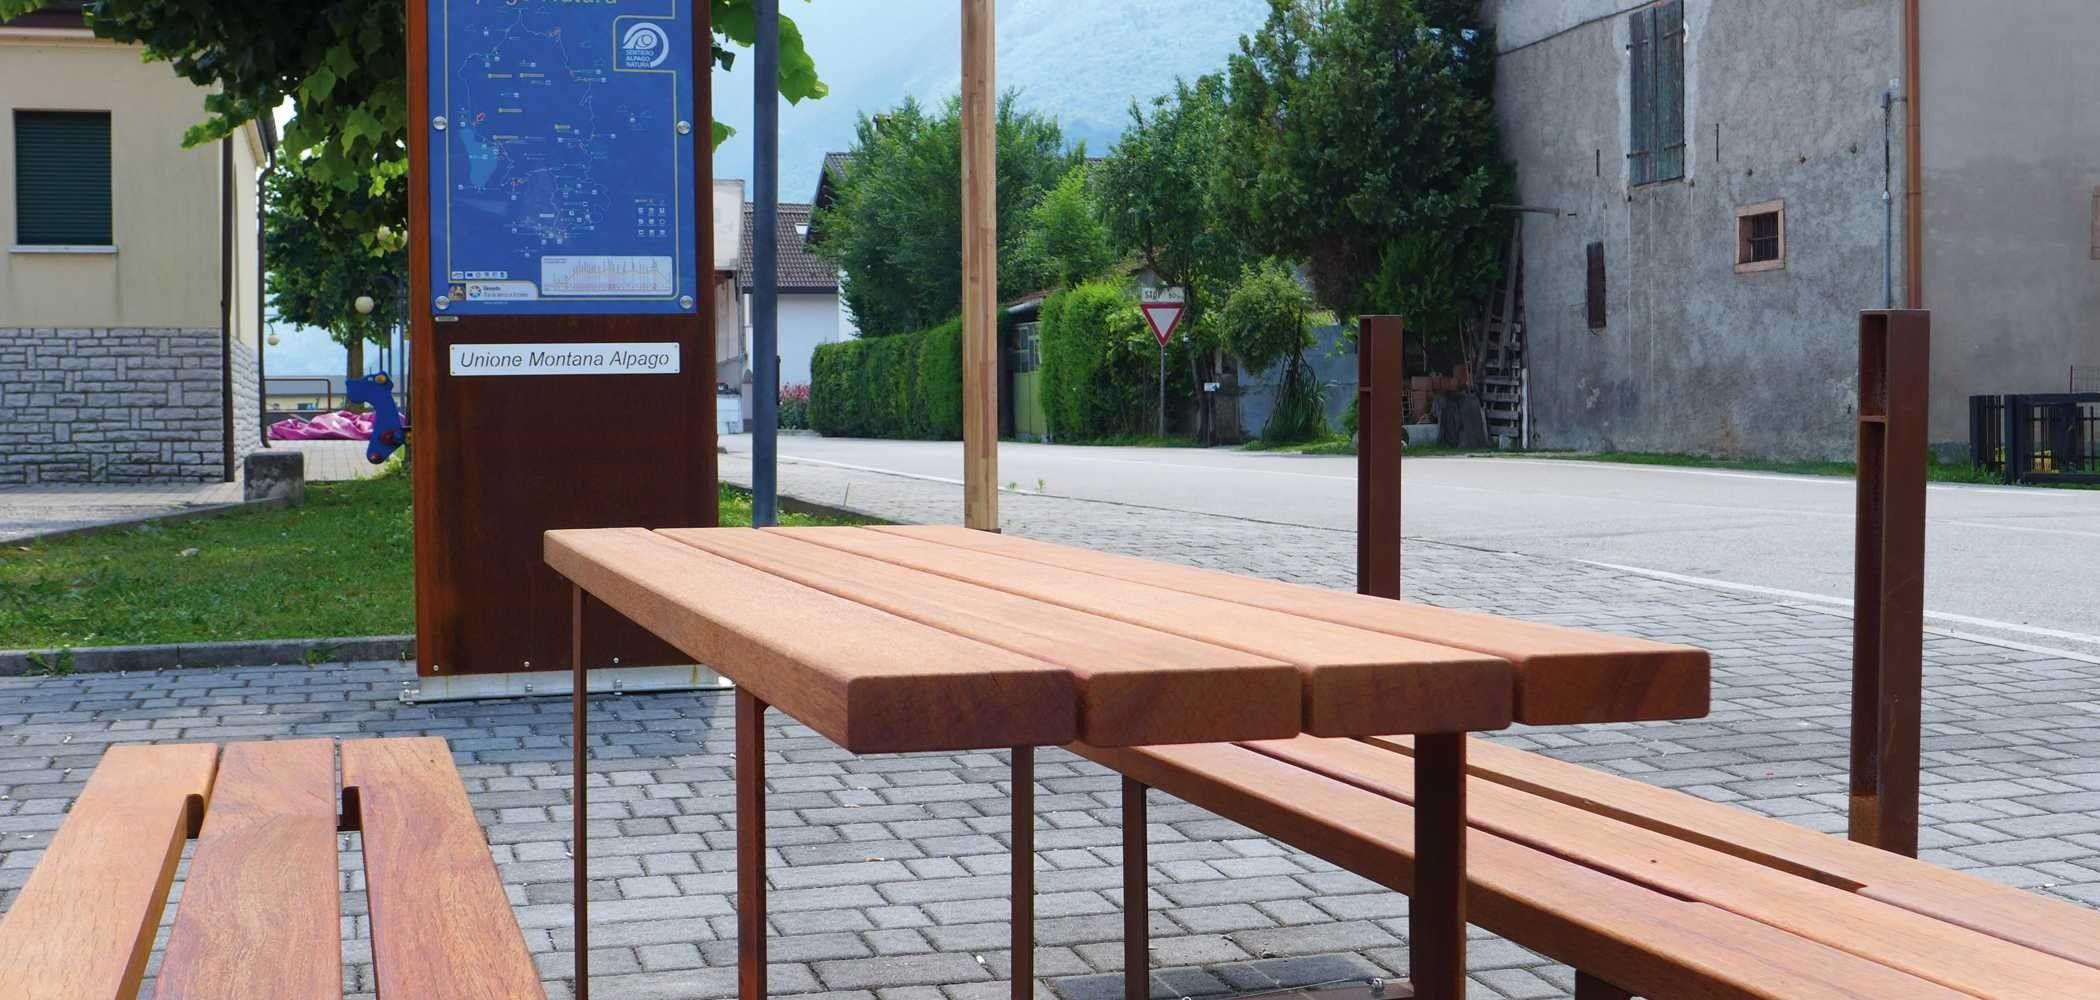 Tavolo da picnic rettangolare in legno pic bull by metalco - Tavolo pic nic legno ...